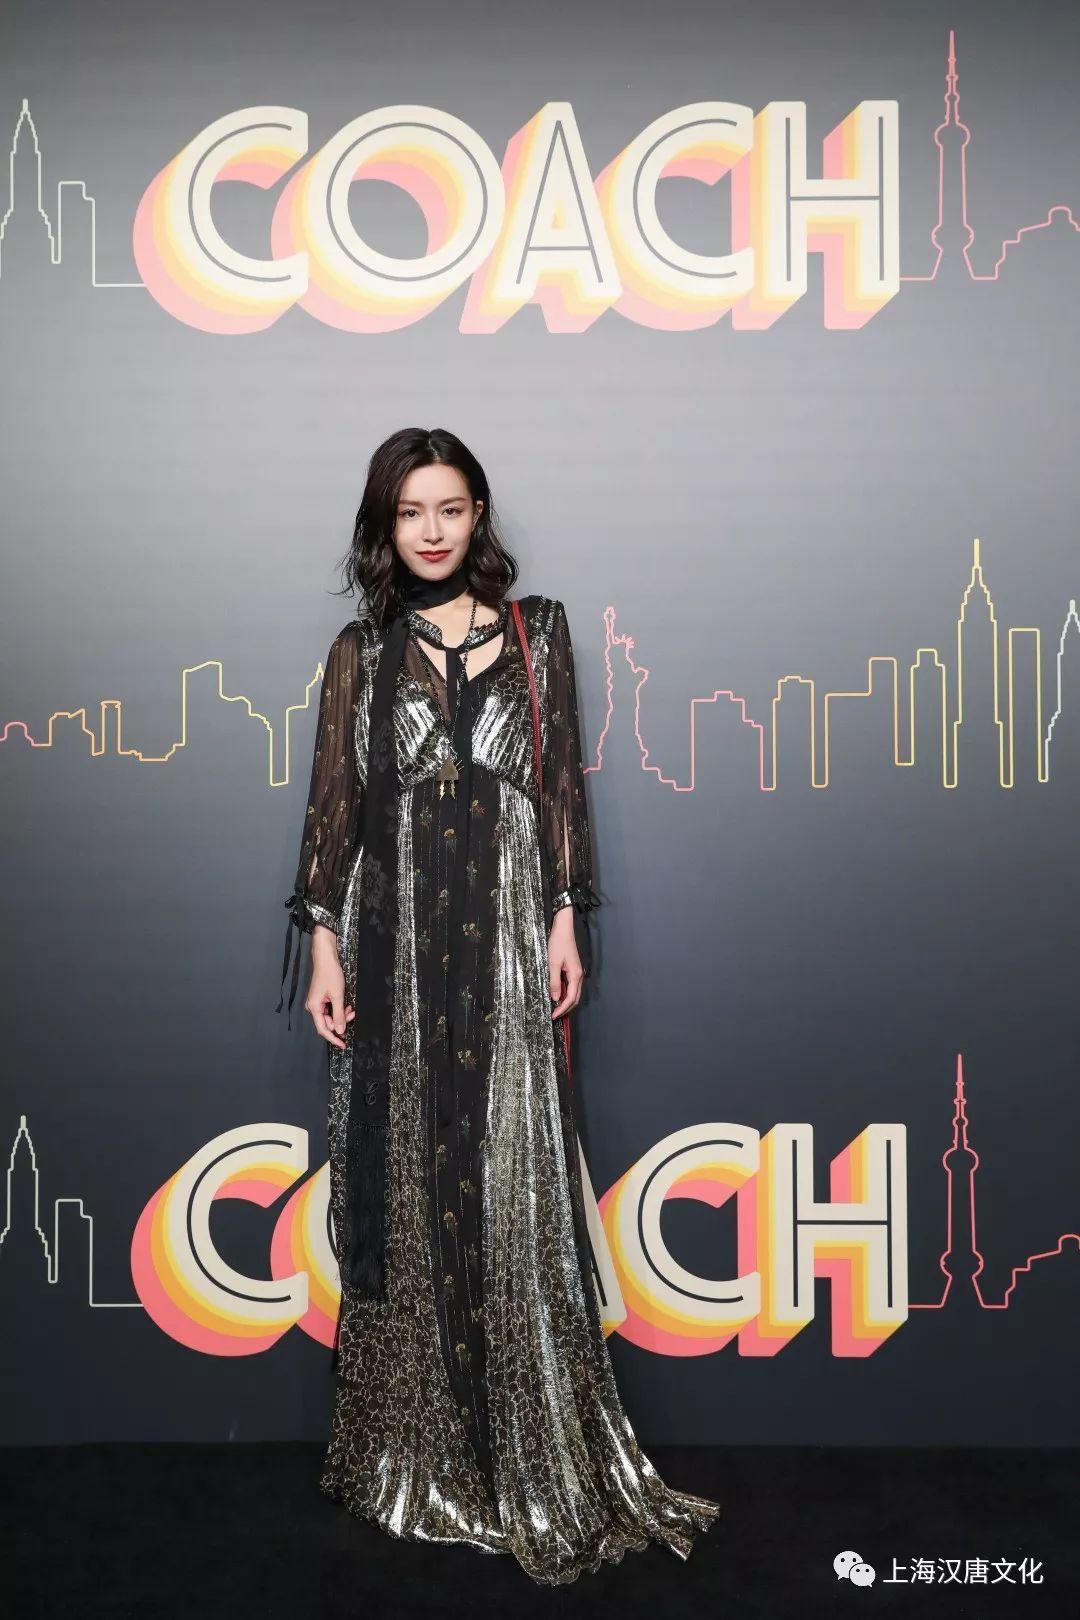 中国摇滚乐歌手排名_霓虹灯,的士车声让人恍若置身纽约街头,回荡的摇滚乐符合摇滚歌手